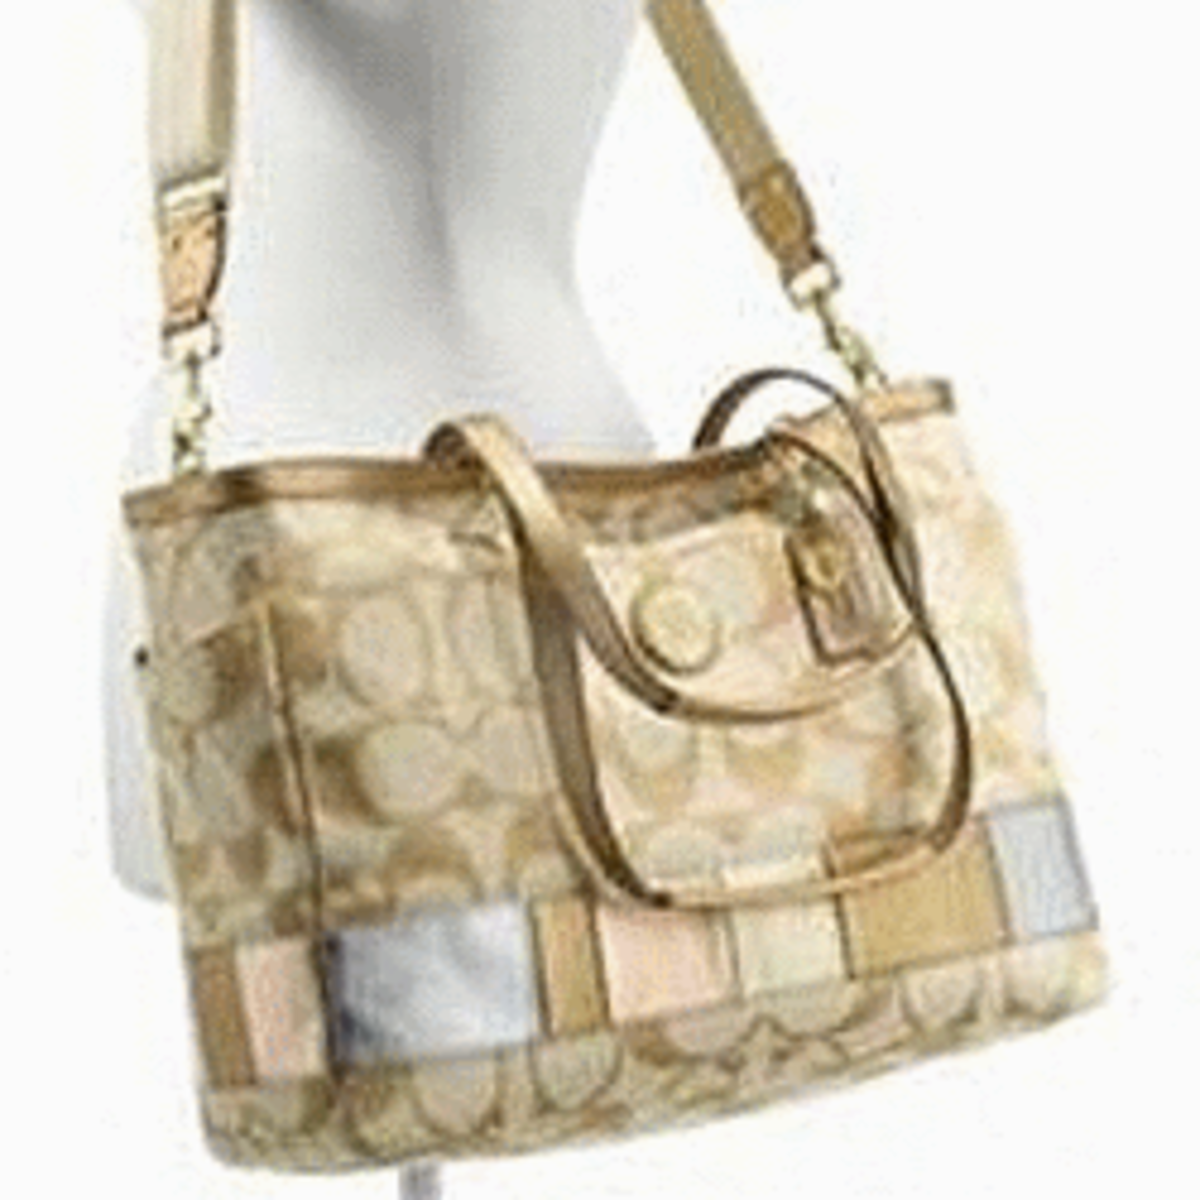 Coach Baby Bags | Buying a Beautiful Coach Diaper Bag